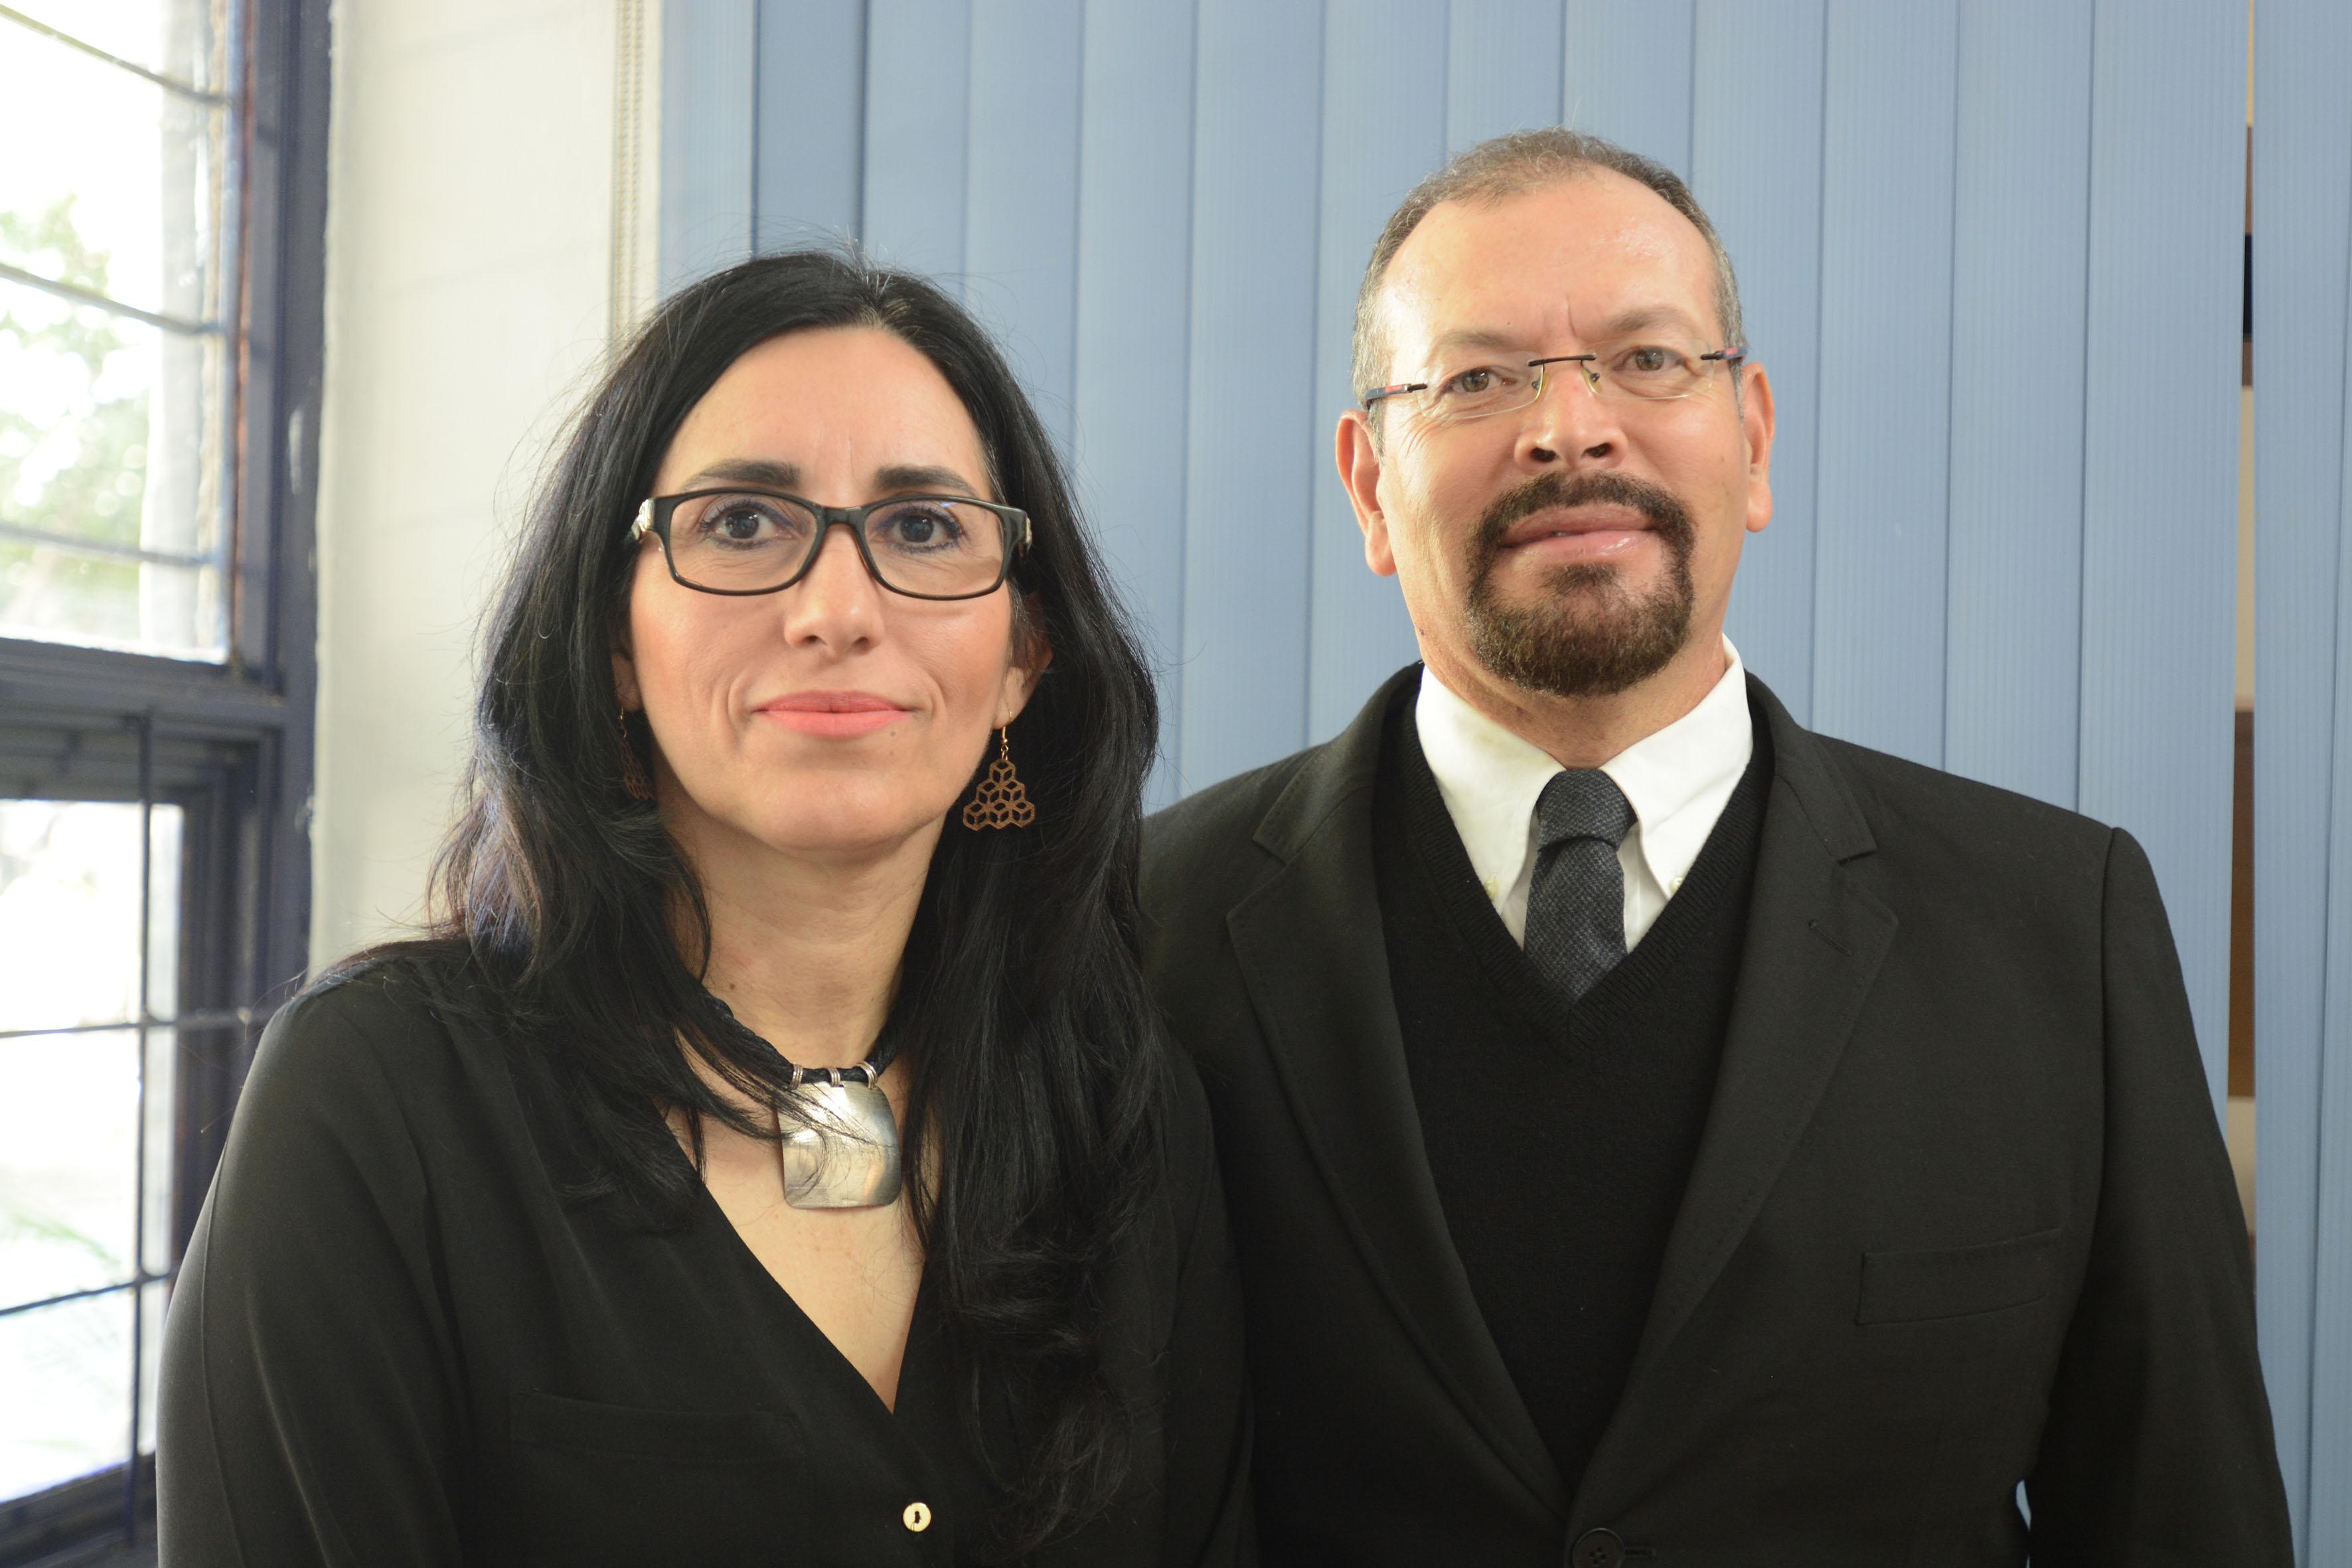 Dra. Alicia Vargas Amésquita, miembro del Sistema Nacional de Investigadores (SNI), nivel I y jefa del Departamento de Historia y el doctor David Carvajal López